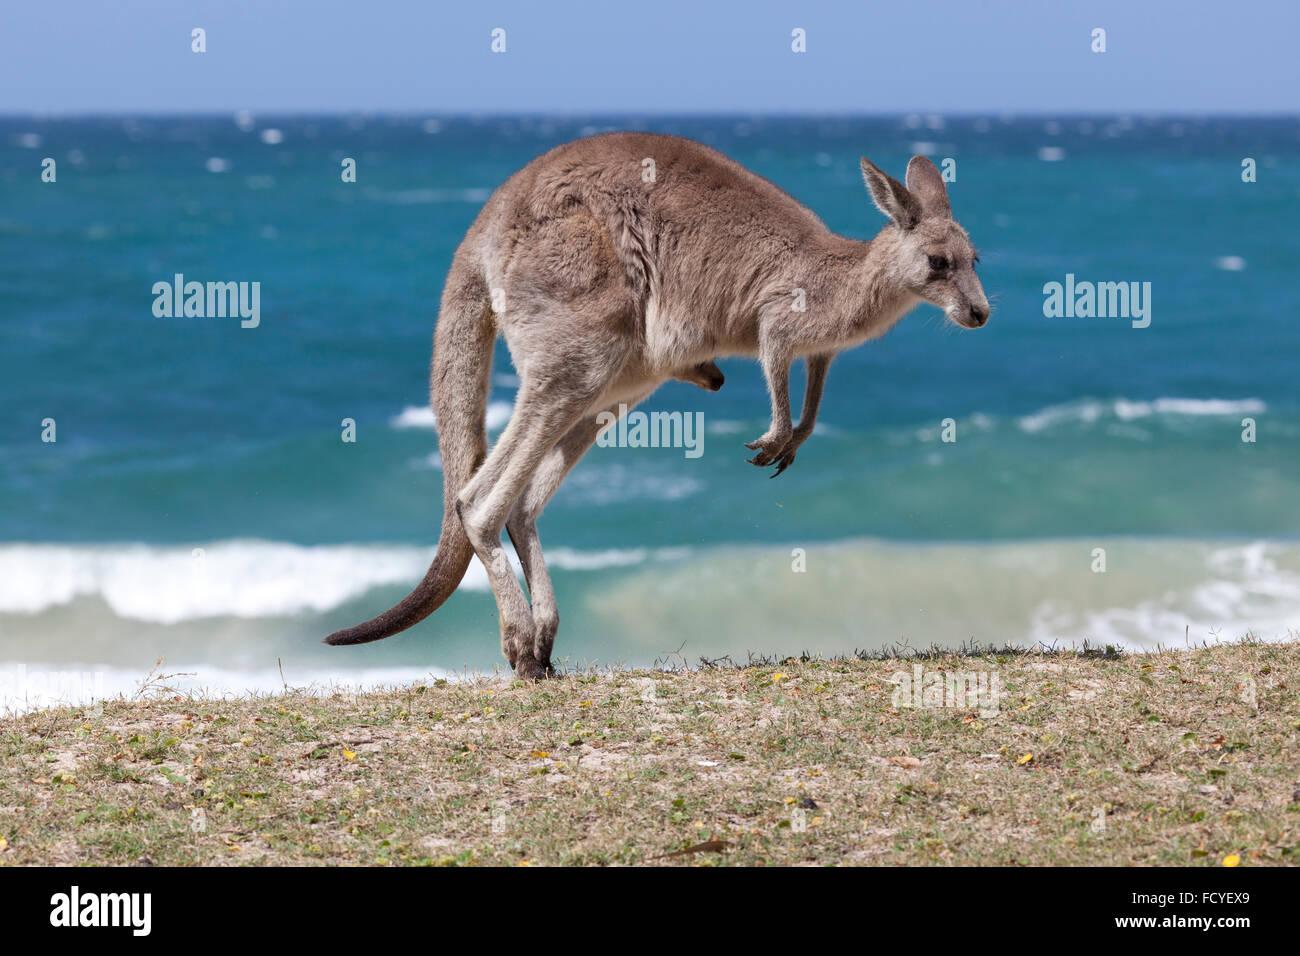 Jumping canguro rosso sulla spiaggia, deposito di spiaggia, Nuovo Galles del Sud, Australia Immagini Stock